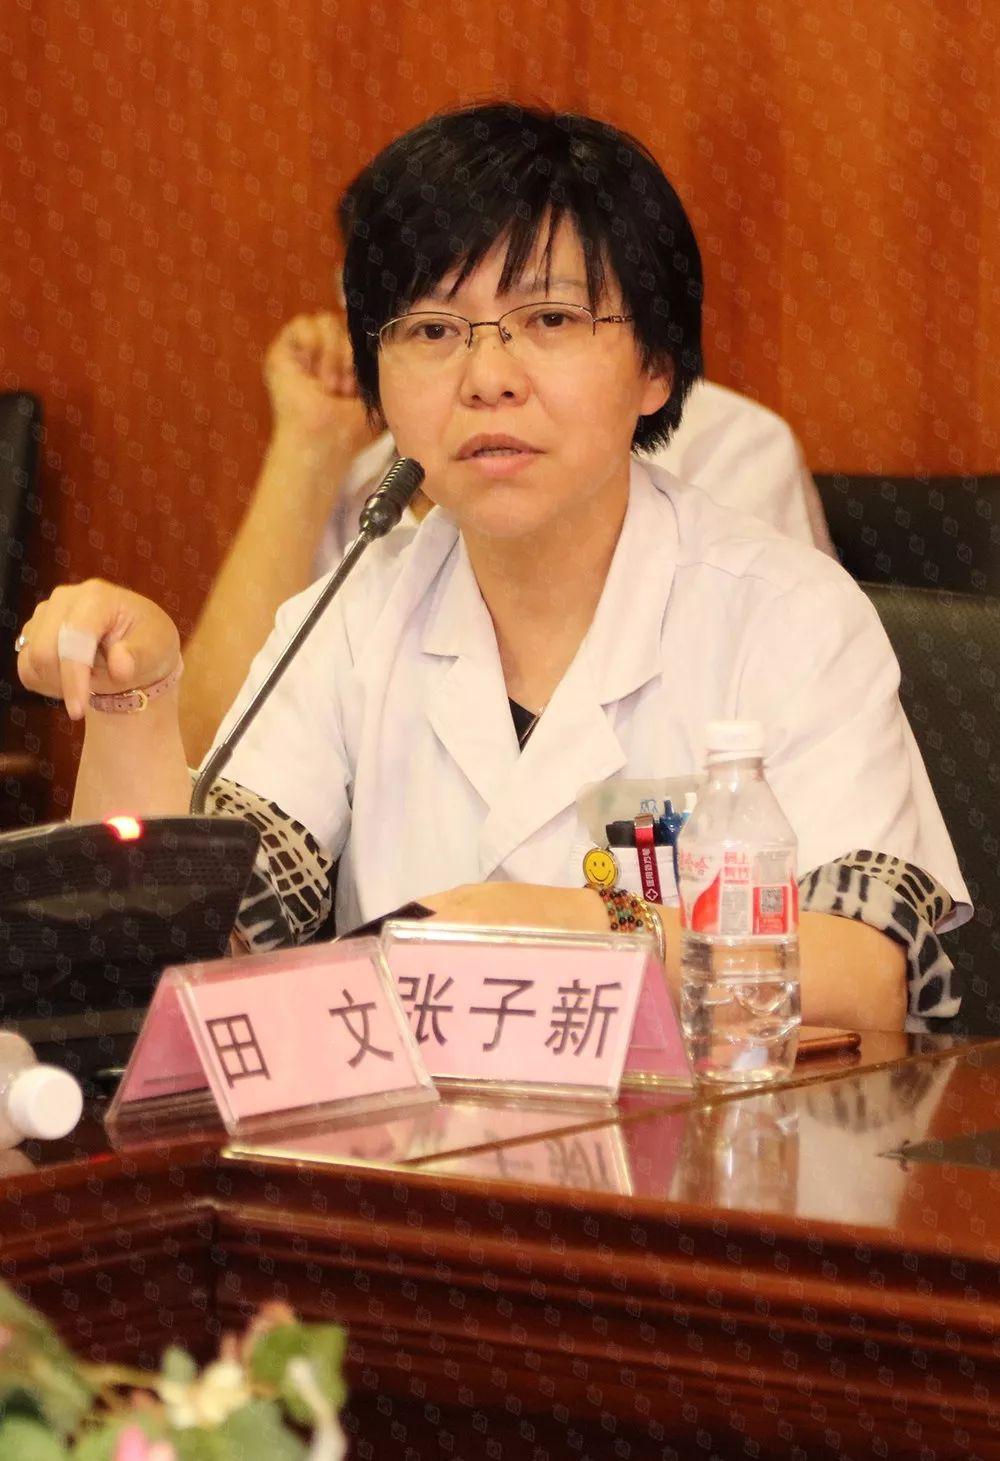 中国医科大学附属第一医院心内科张子新教授发言。